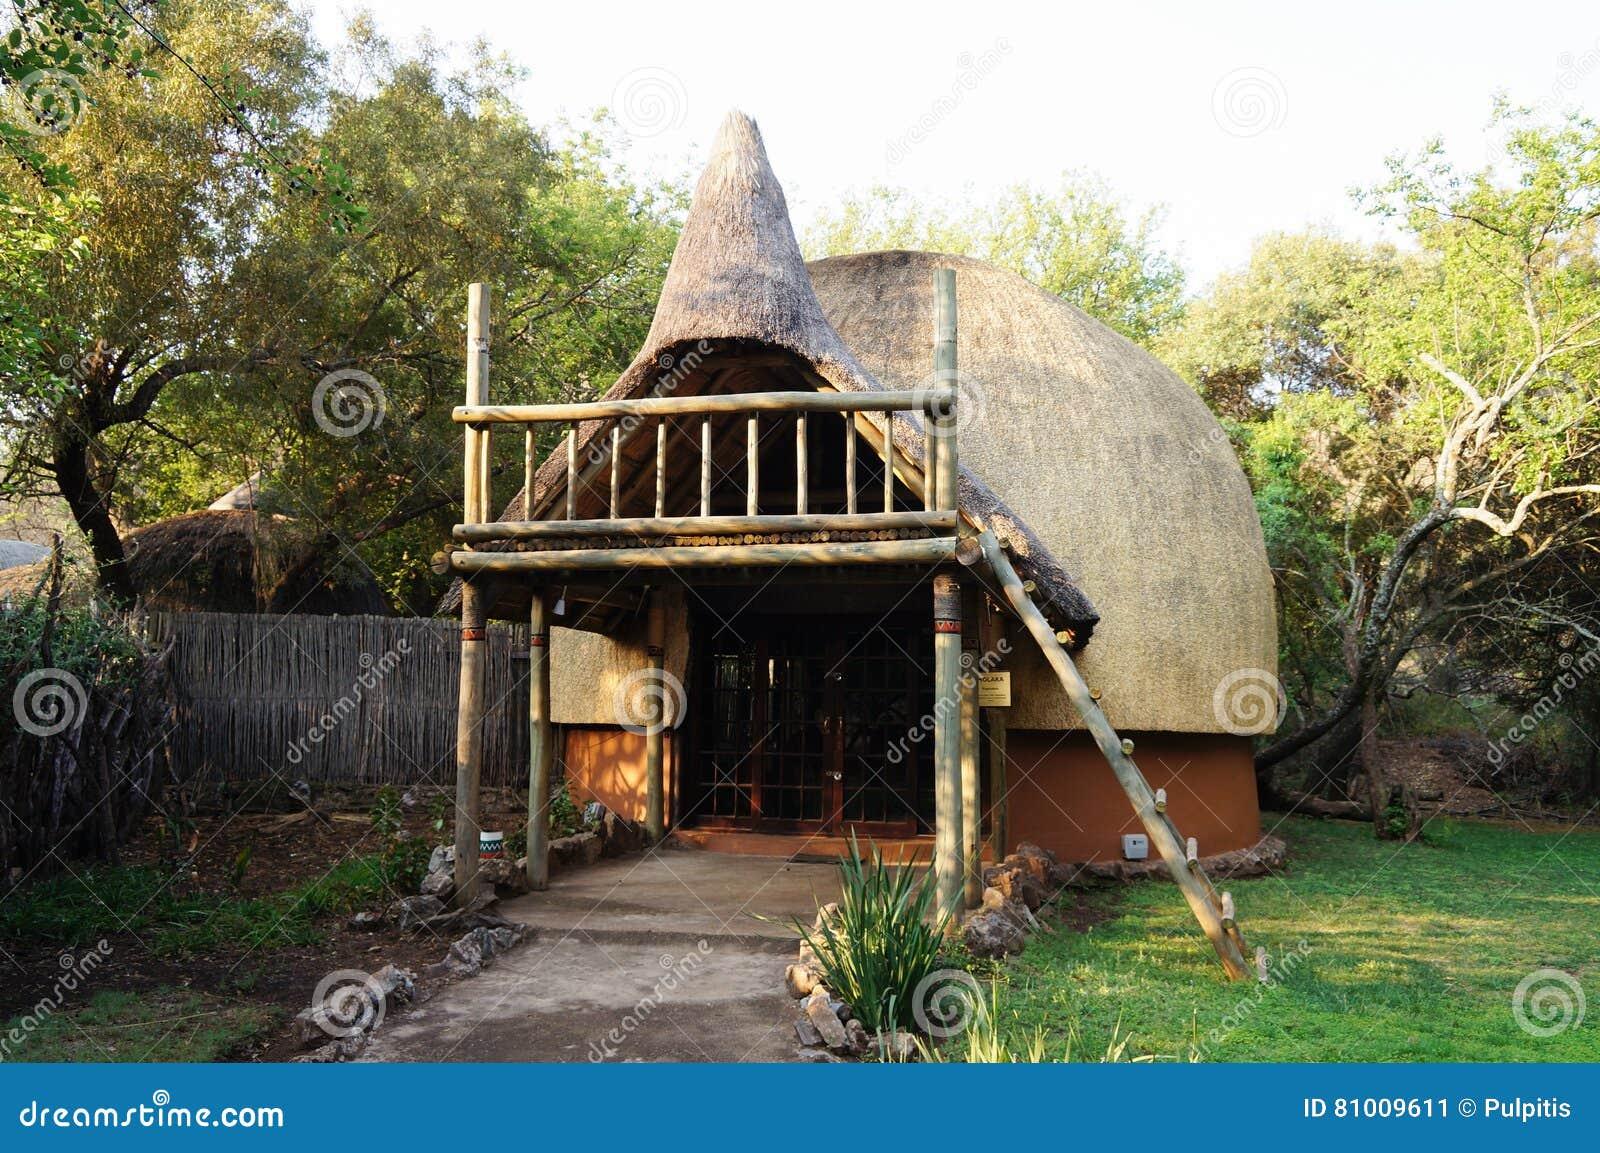 maison tribale de paille en afrique du sud image stock image 81009611. Black Bedroom Furniture Sets. Home Design Ideas